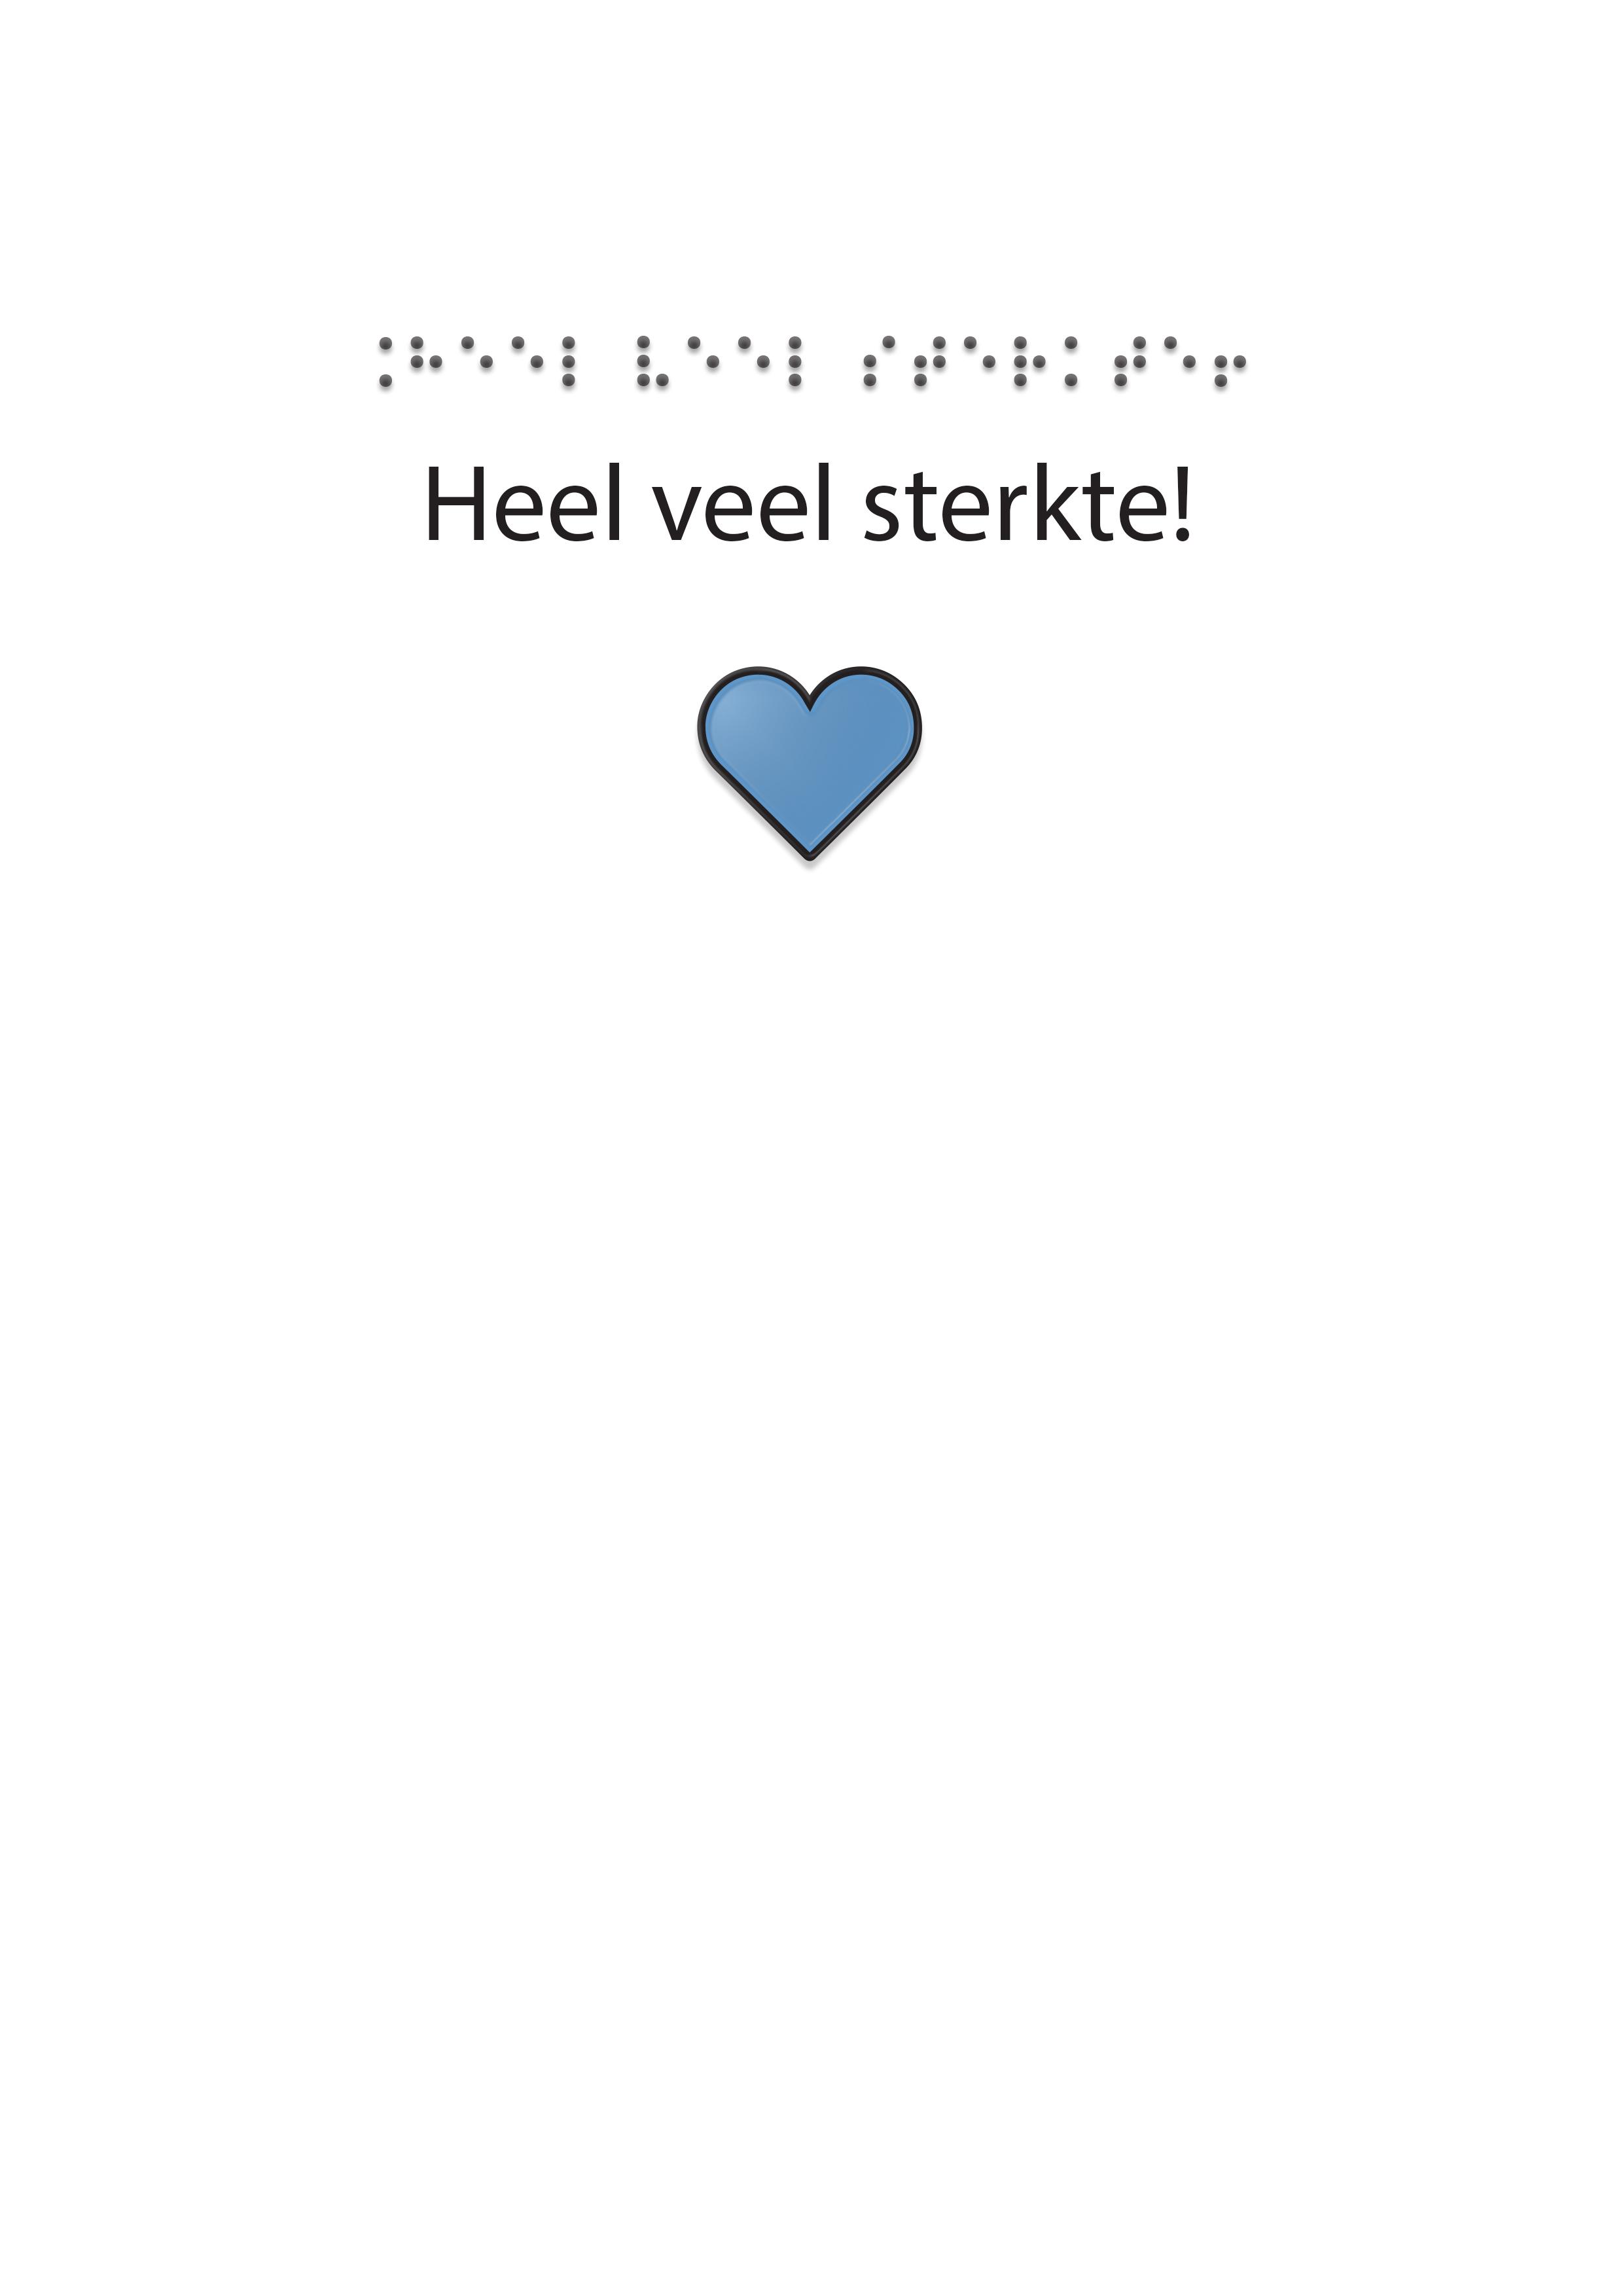 Voelbare wenskaart met braille en reliëf. In braille de tekst: Heel veel sterkte! Met full color voelbare afbeelding van een hartje.